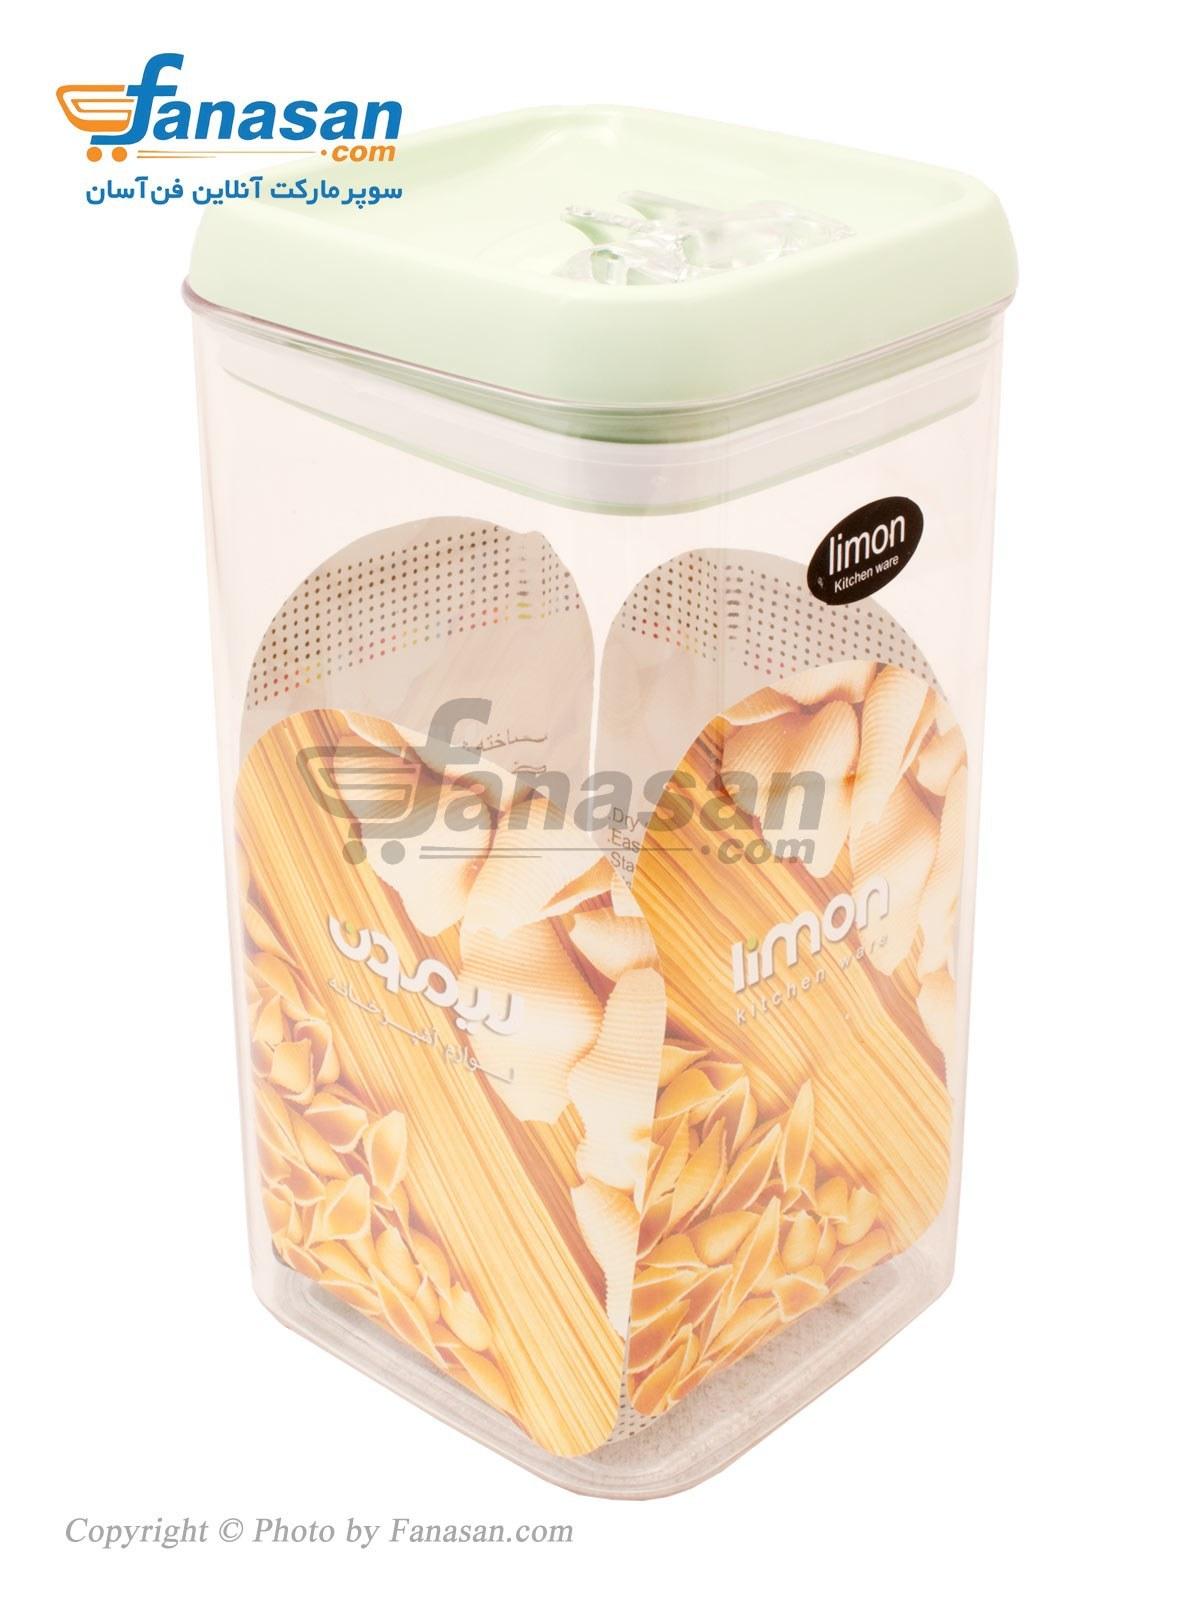 تصویر بانکه چهارگوش لیمون نشکن سارینا سایز 1 ا Limon kitchen ware size 1 Limon kitchen ware size 1